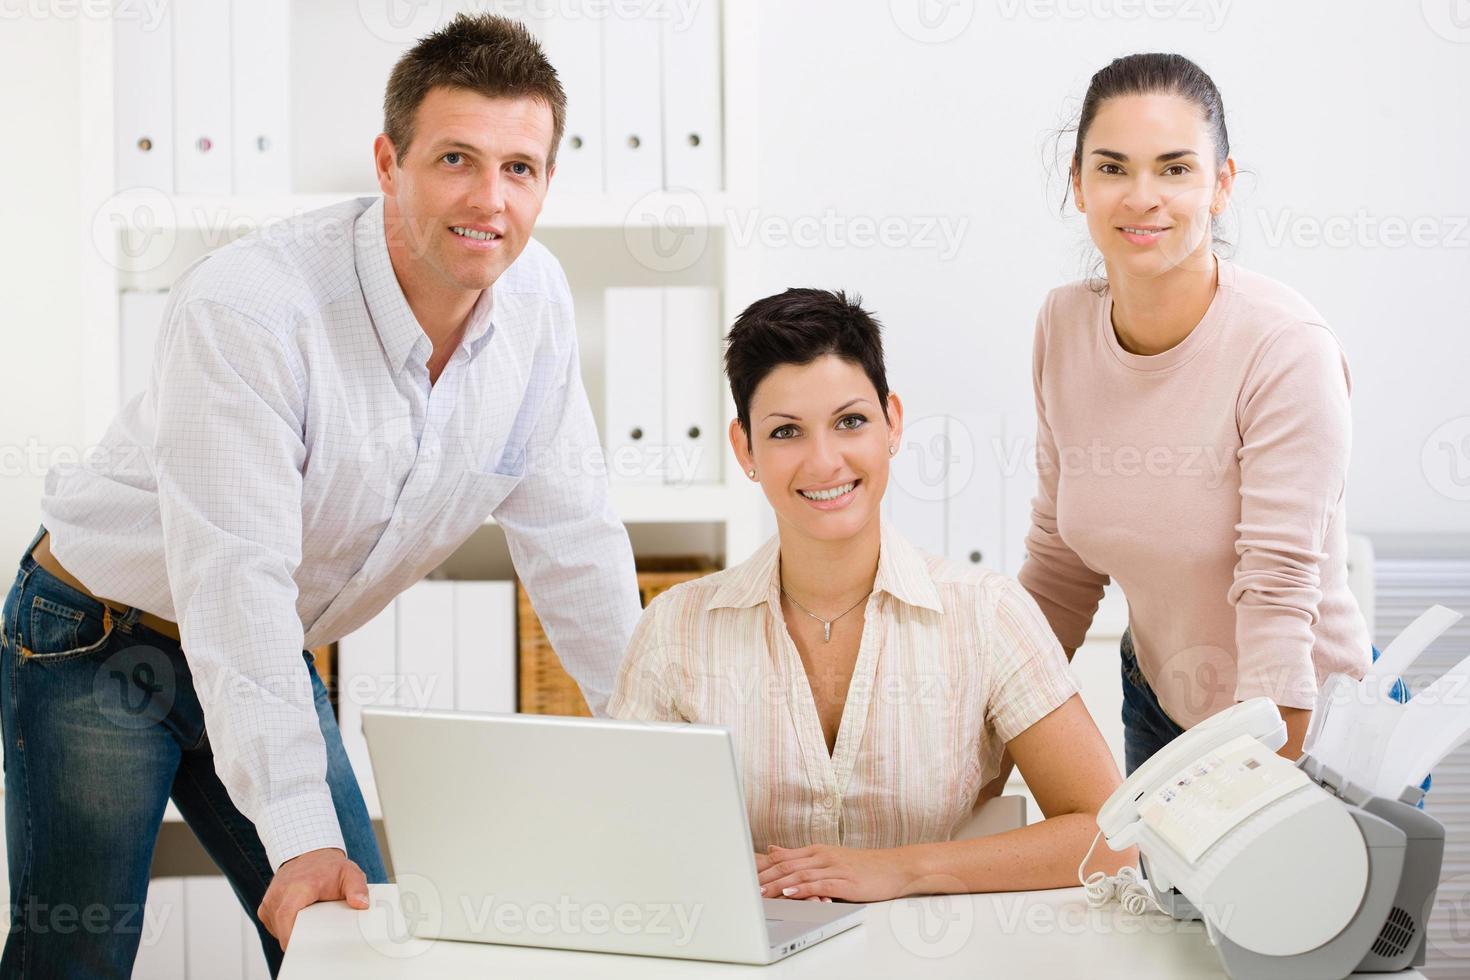 squadra dell'ufficio che sorride foto